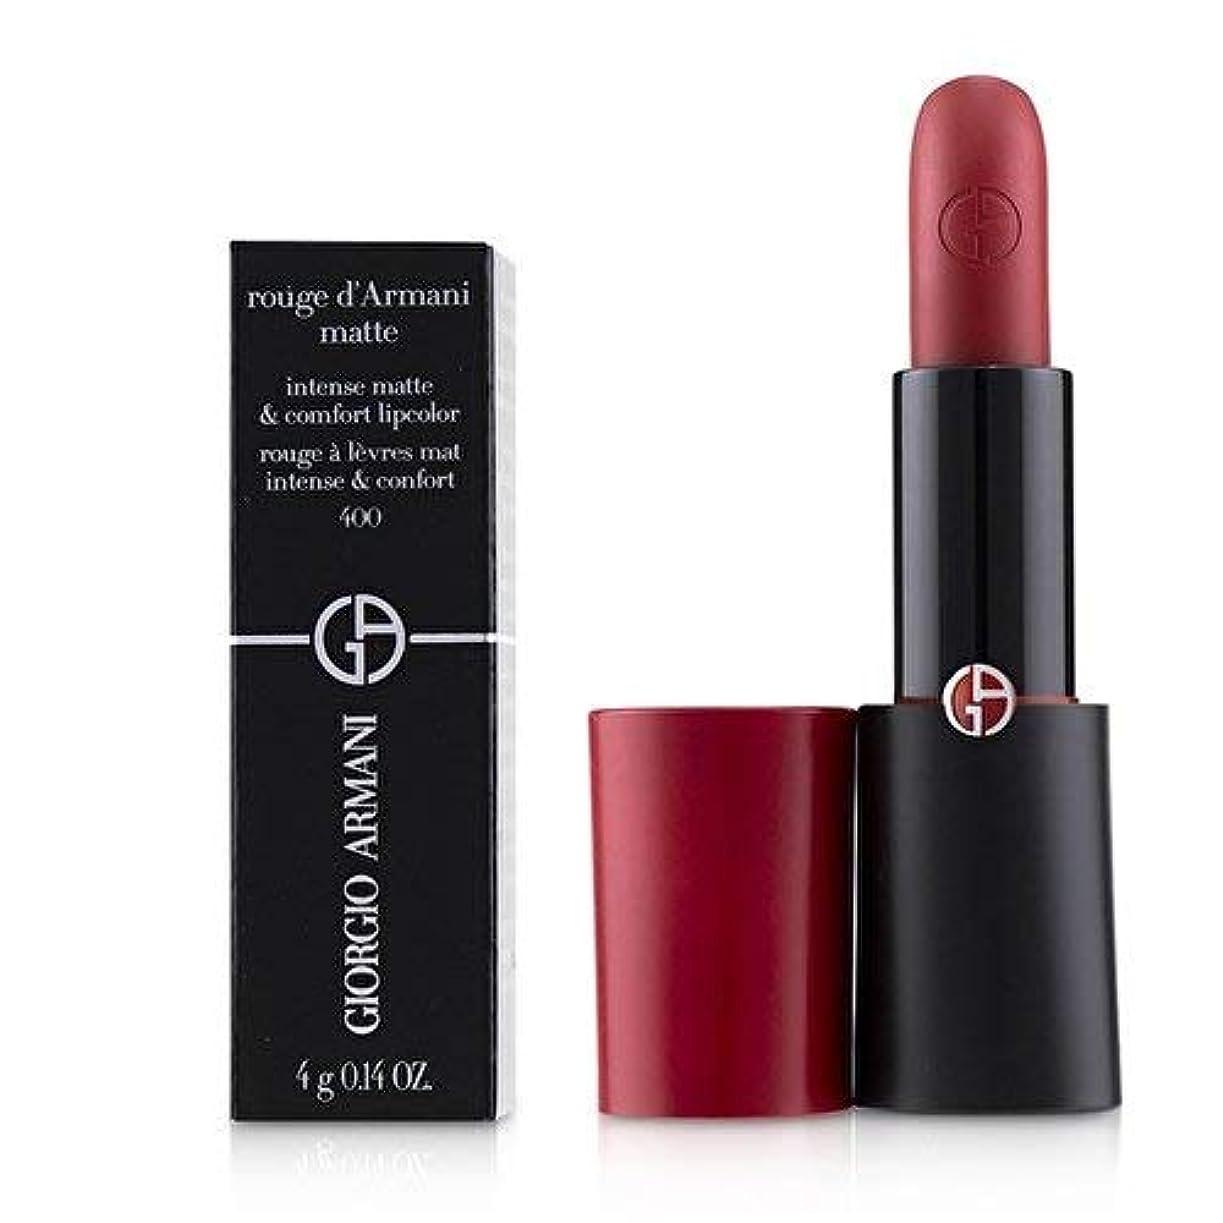 笑い取るに足らない有名人ジョルジオアルマーニ Rouge D'Armani Matte Intense Matte & Comfort Lipcolor - # 400 Four Hundred 4g/0.14oz並行輸入品